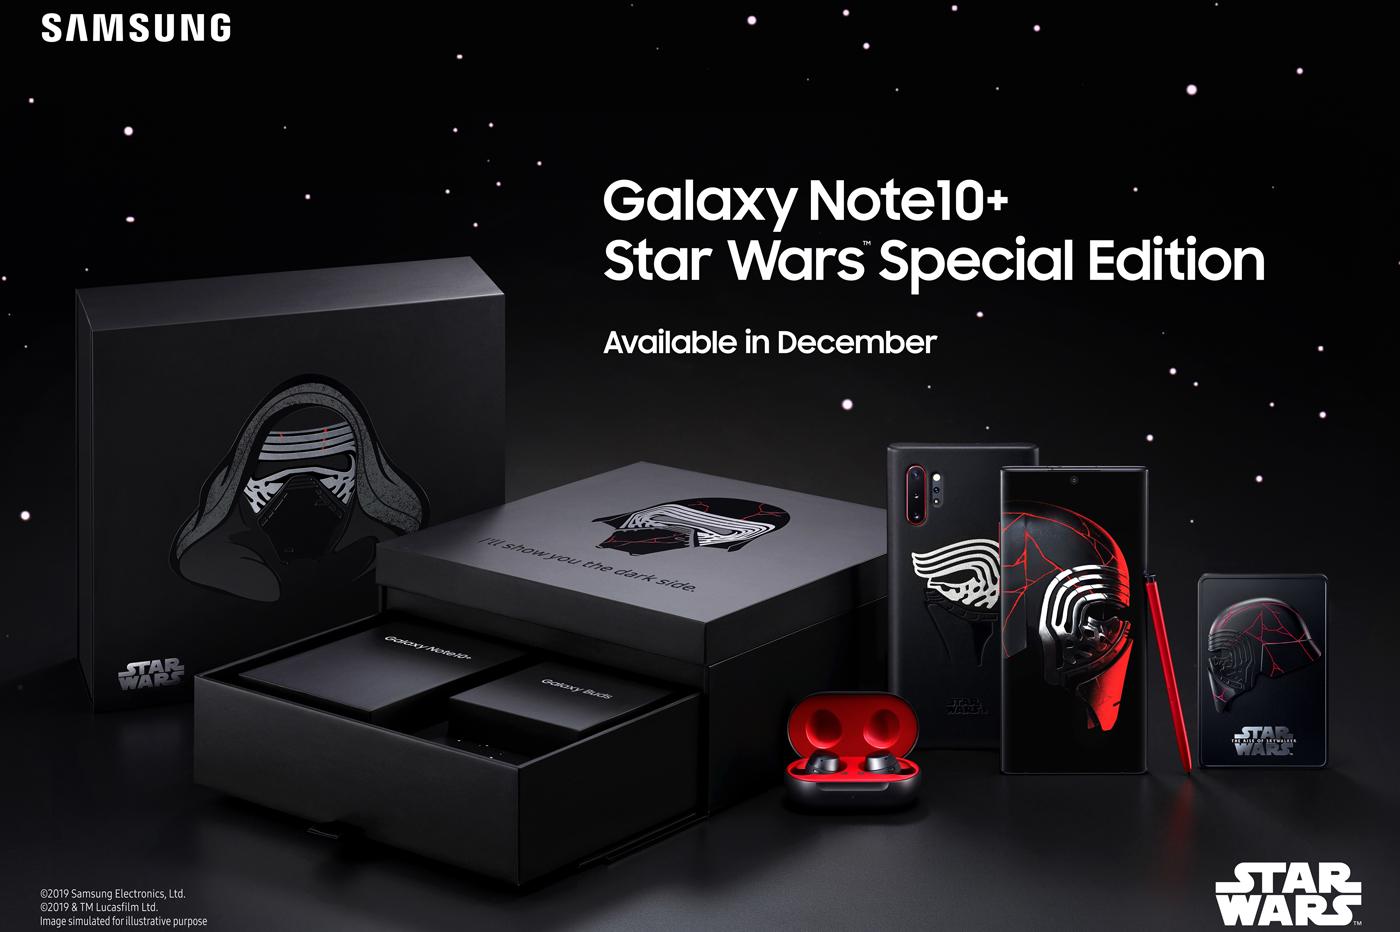 Le Samsung Galaxy Note 10+ en mode Star Wars